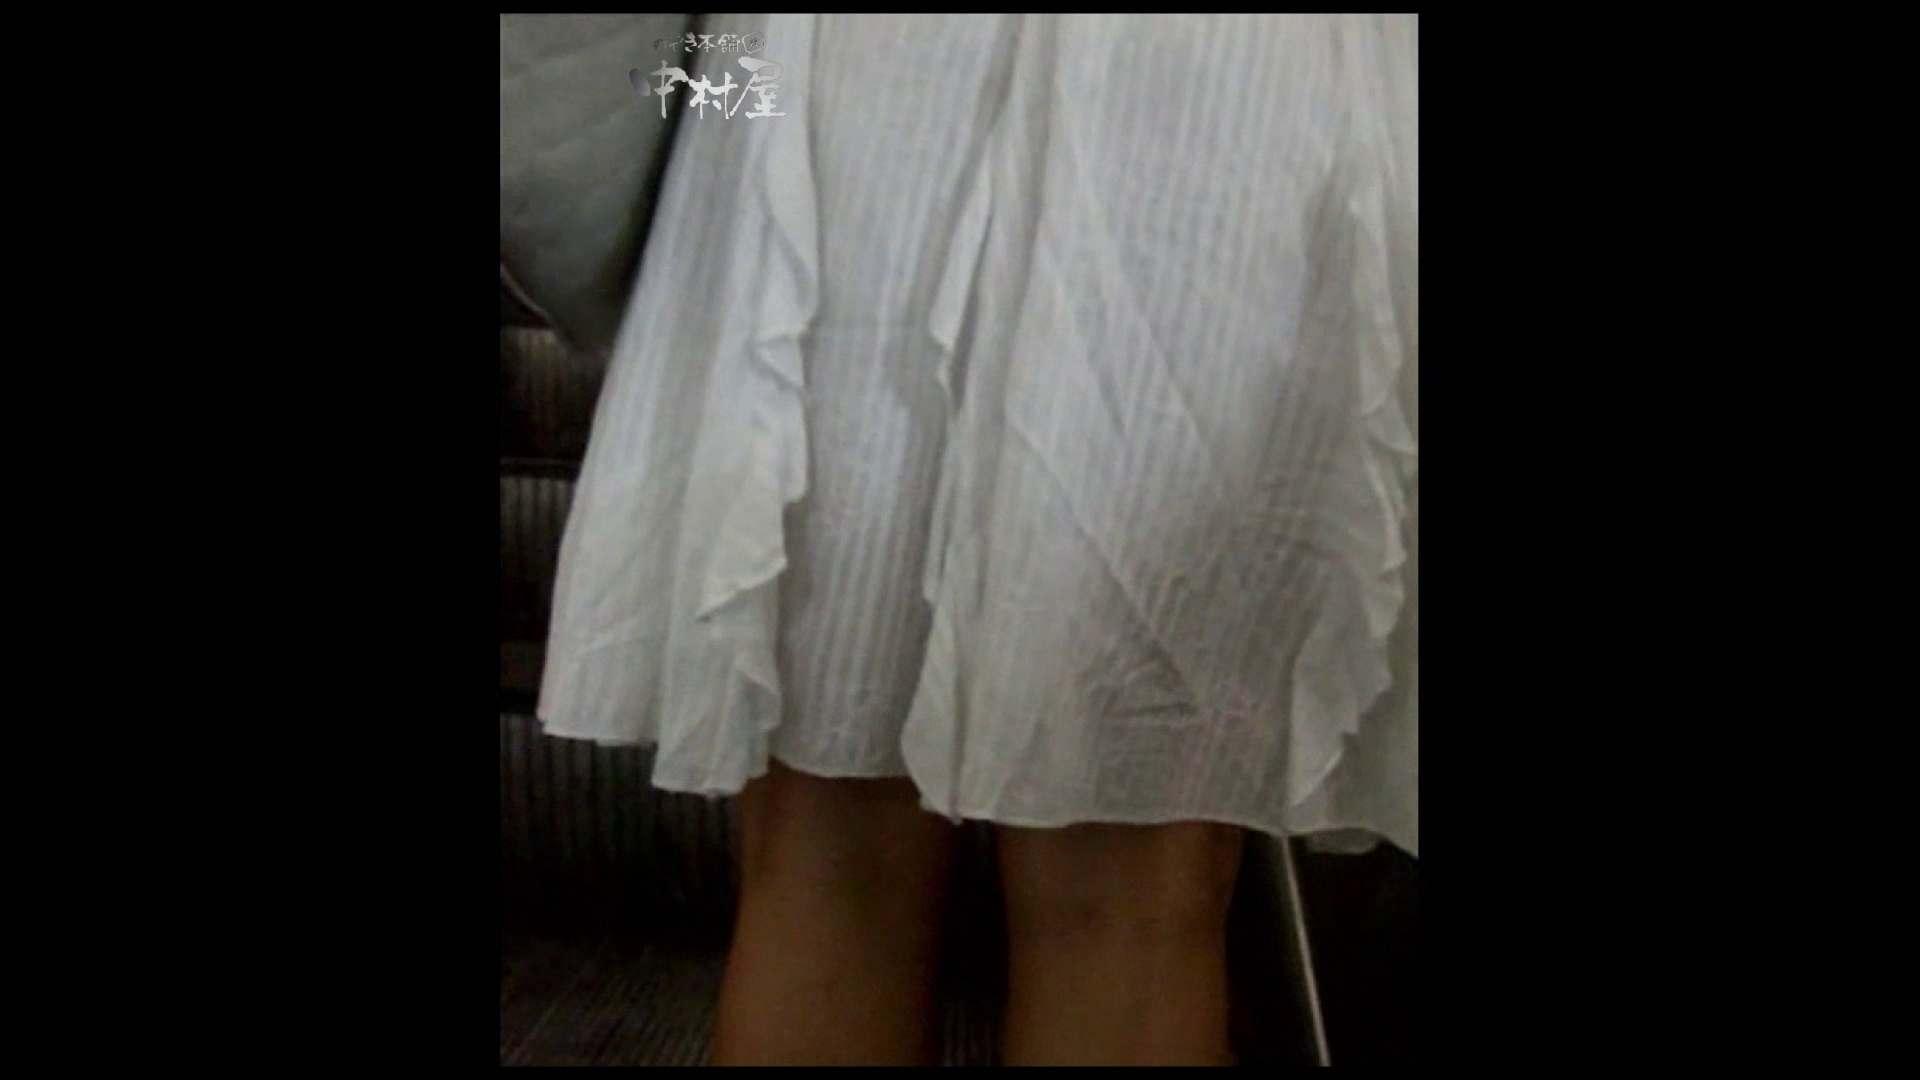 綺麗なモデルさんのスカート捲っちゃおう‼ vol30 お姉さん丸裸  96pic 87